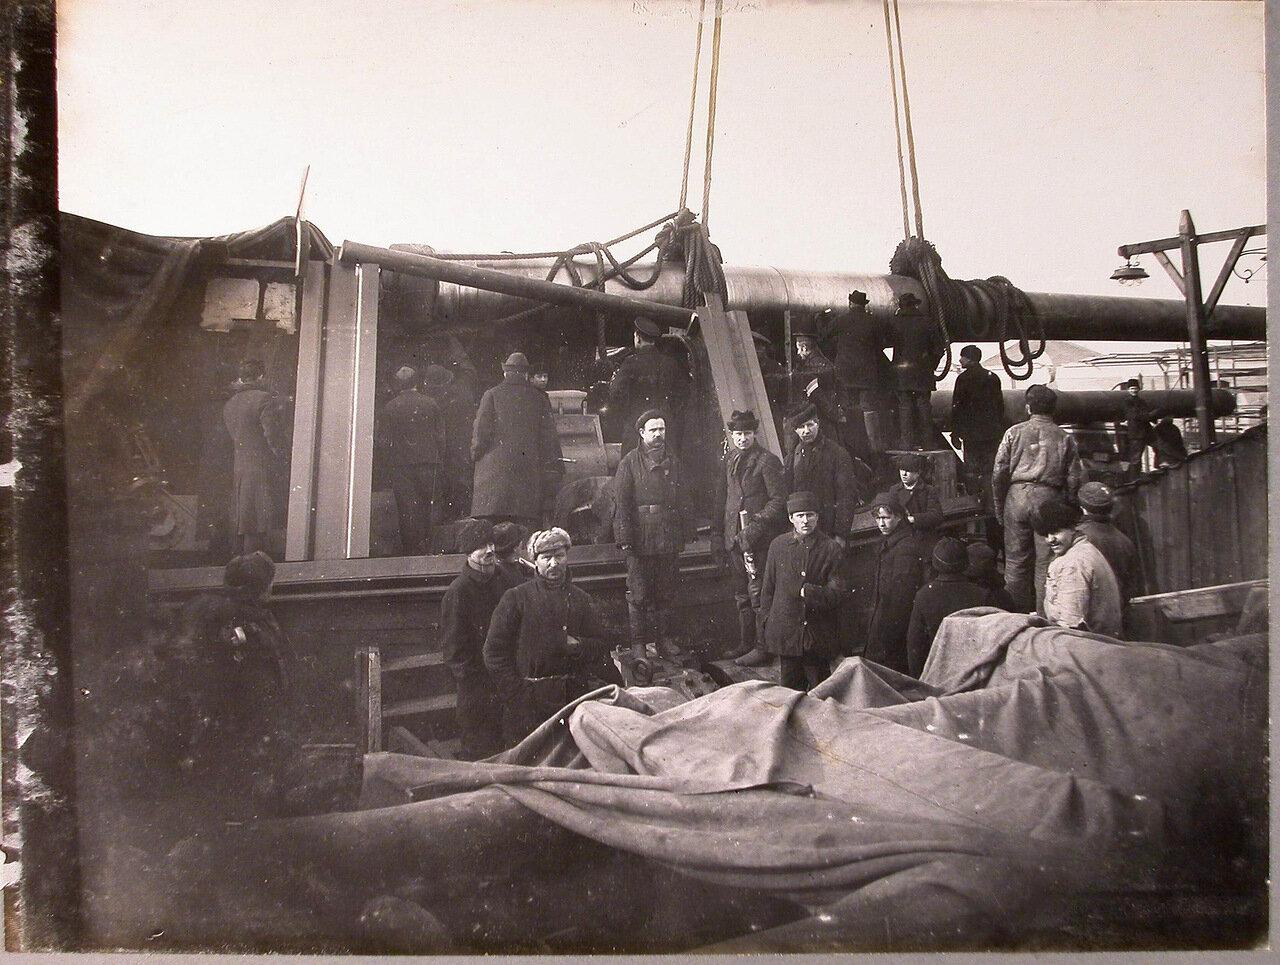 68. Рабочие на линейном корабле «Полтава», во время установки 12-ти дюймового орудия в башню, зима 1914 г.